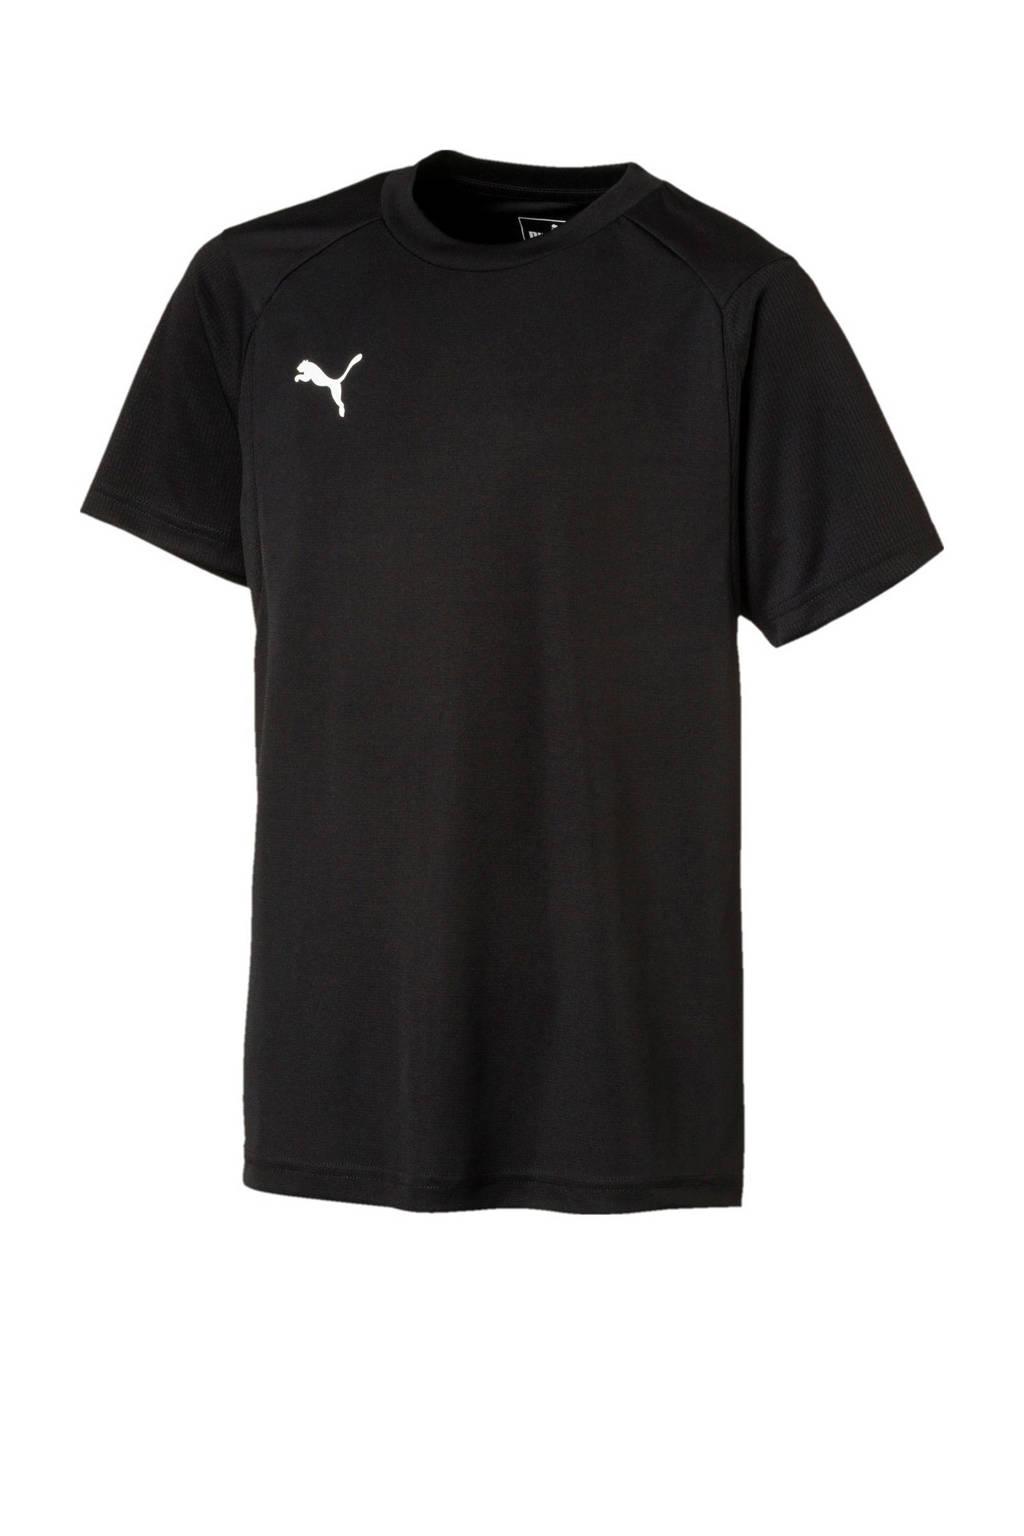 Puma Junior  voetbal T-shirt zwart, Zwart